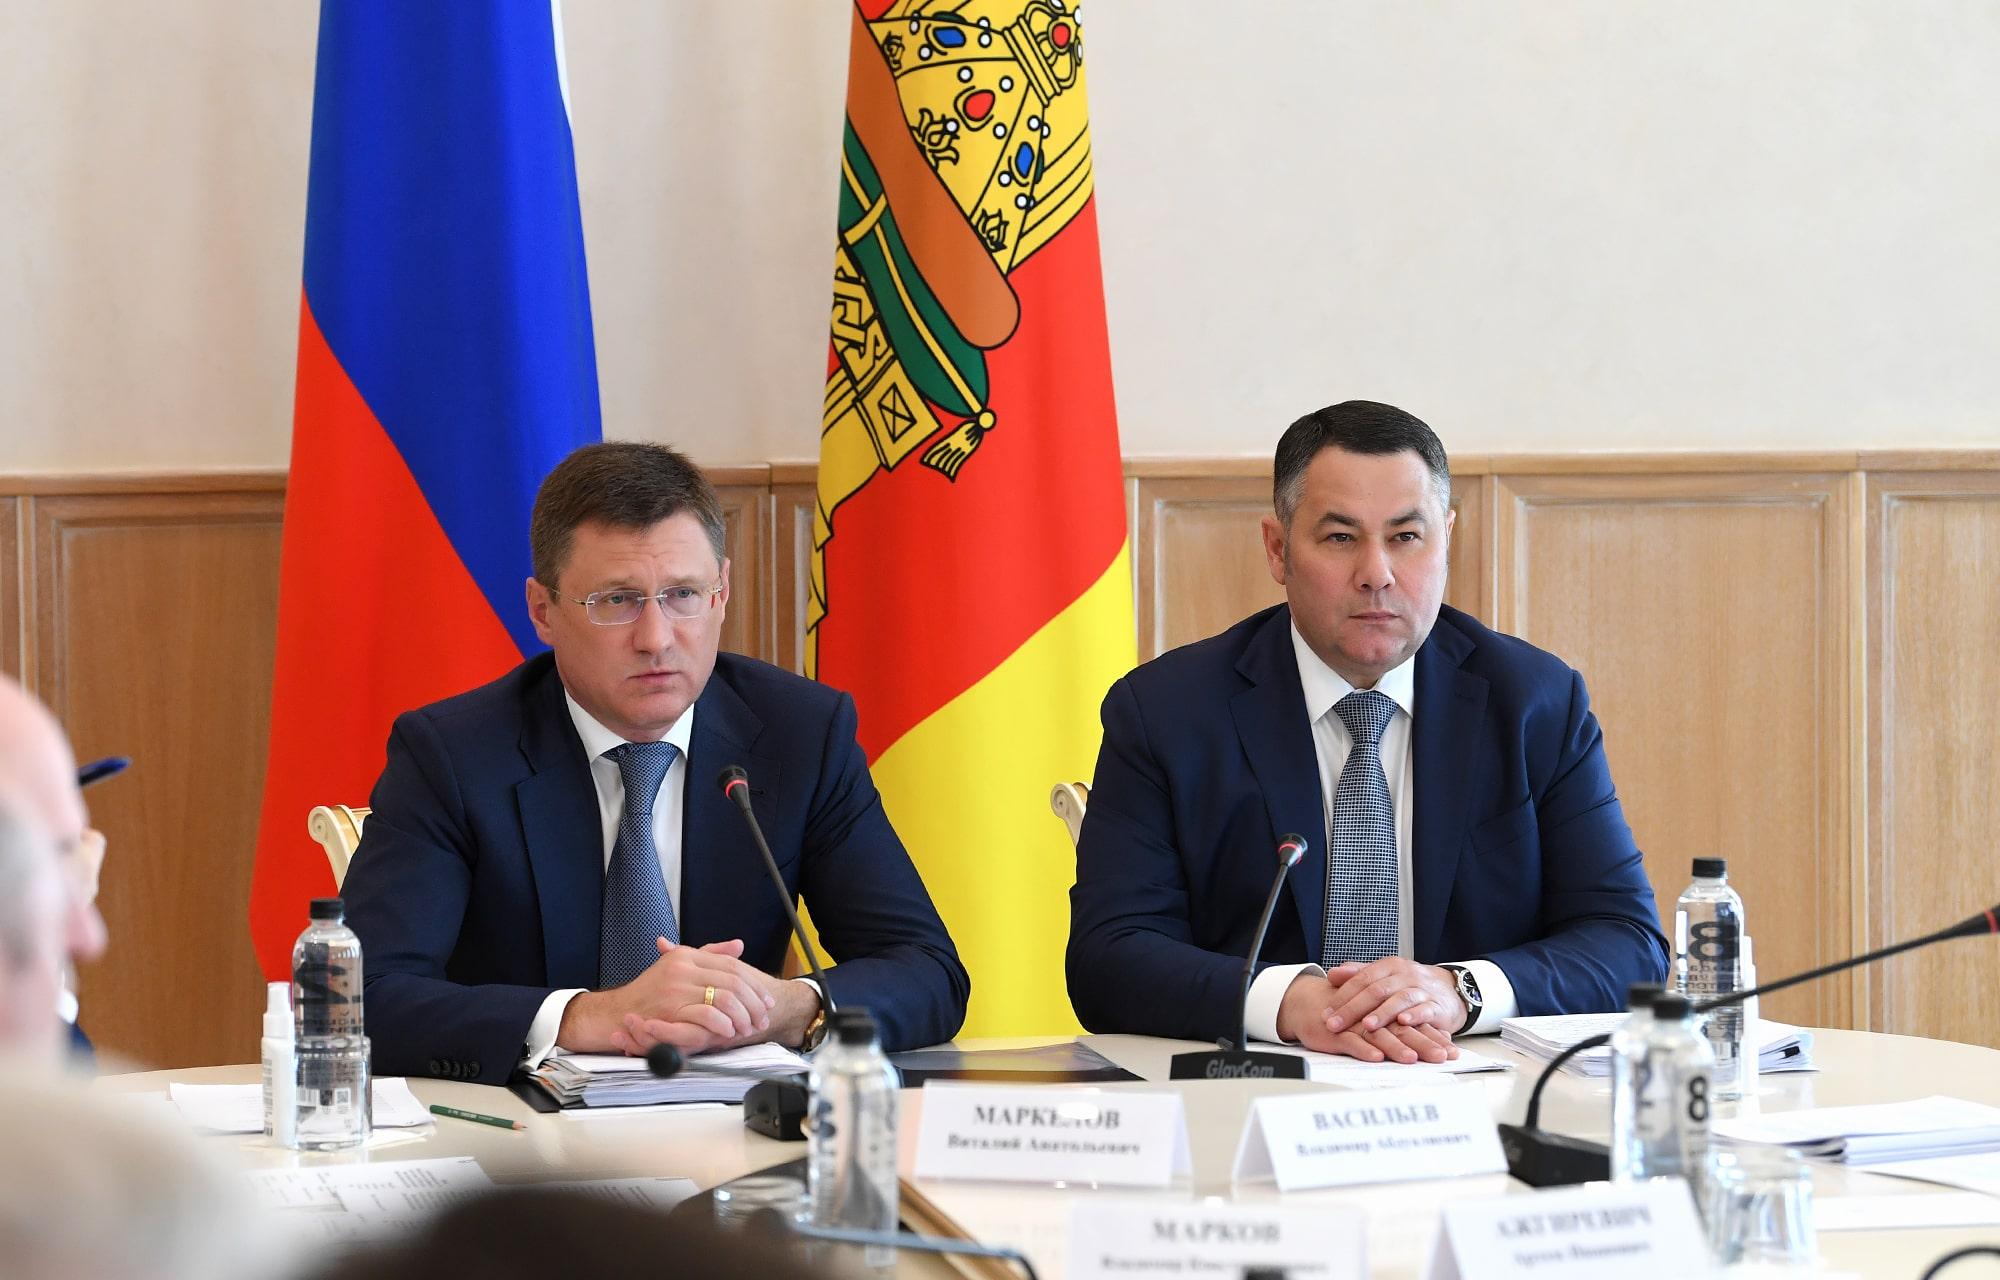 В Удомельский и Лесной округа Тверской области придёт газ